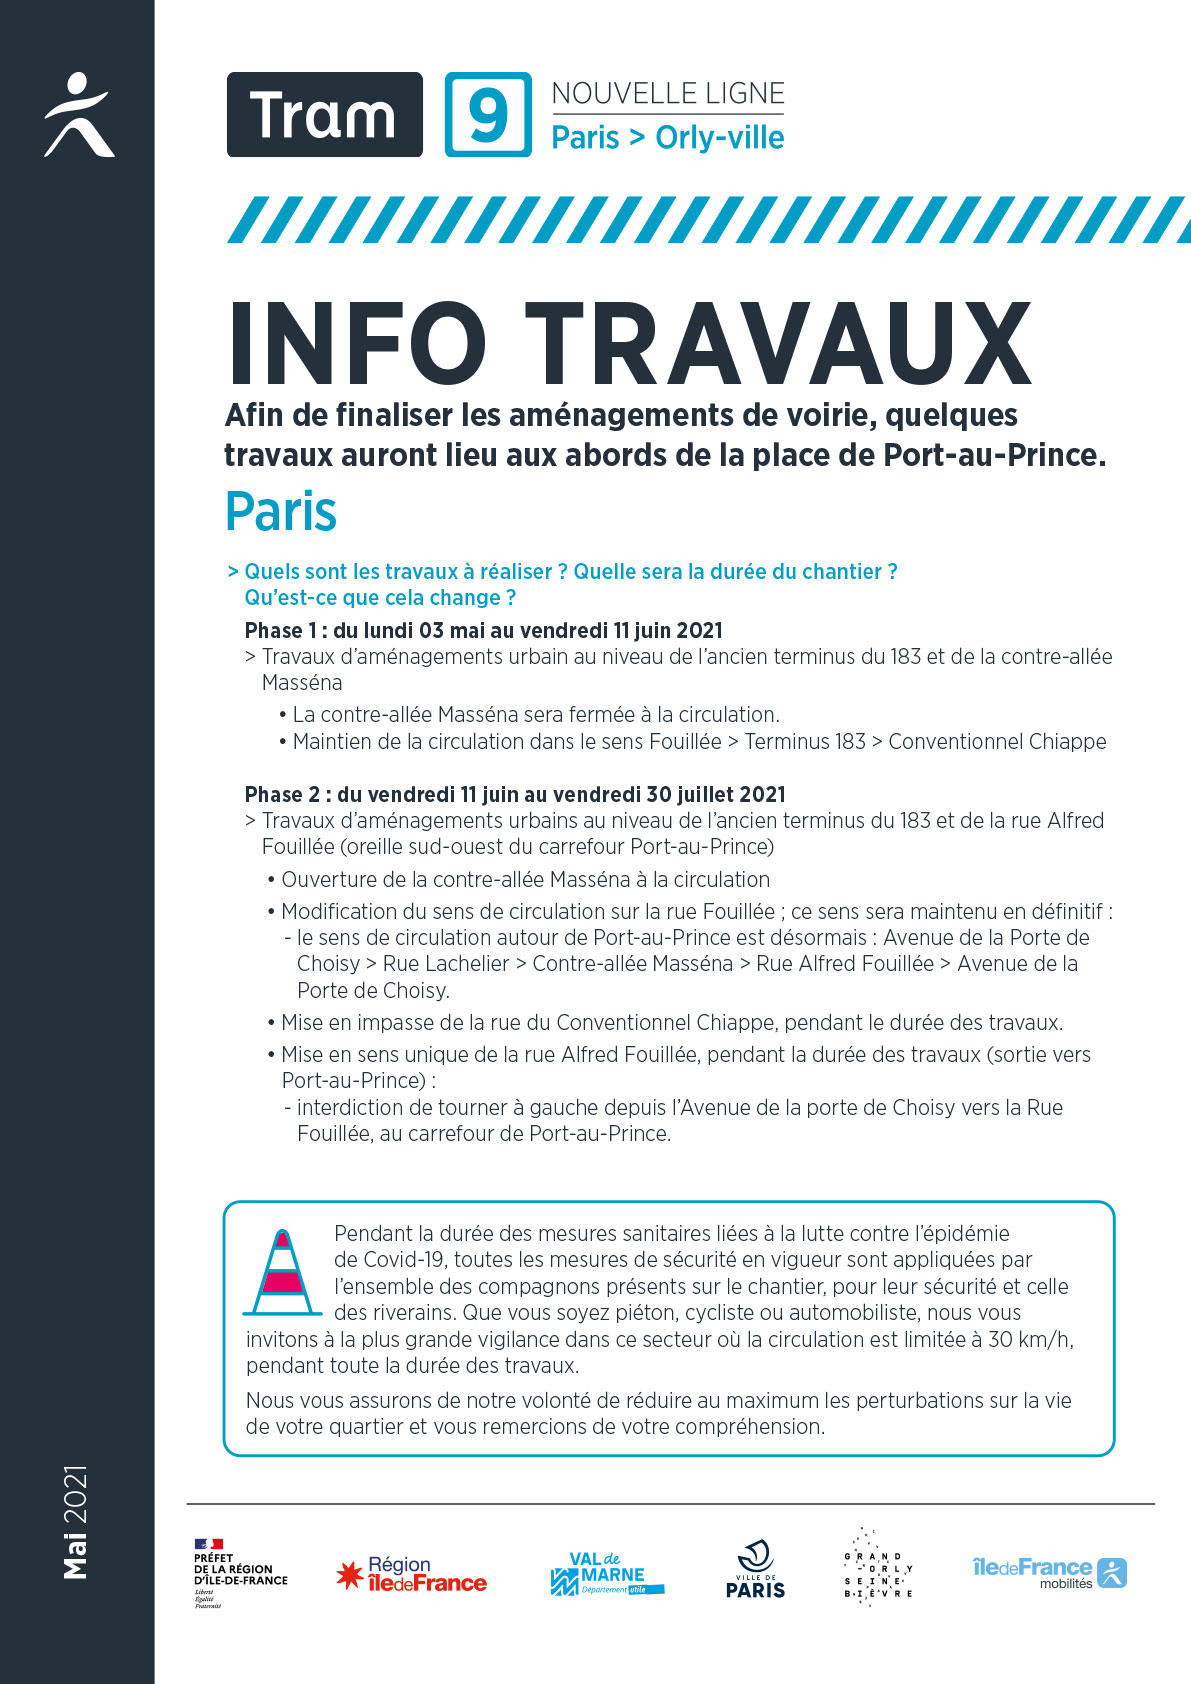 Travaux à Paris, de mai à juillet 2021